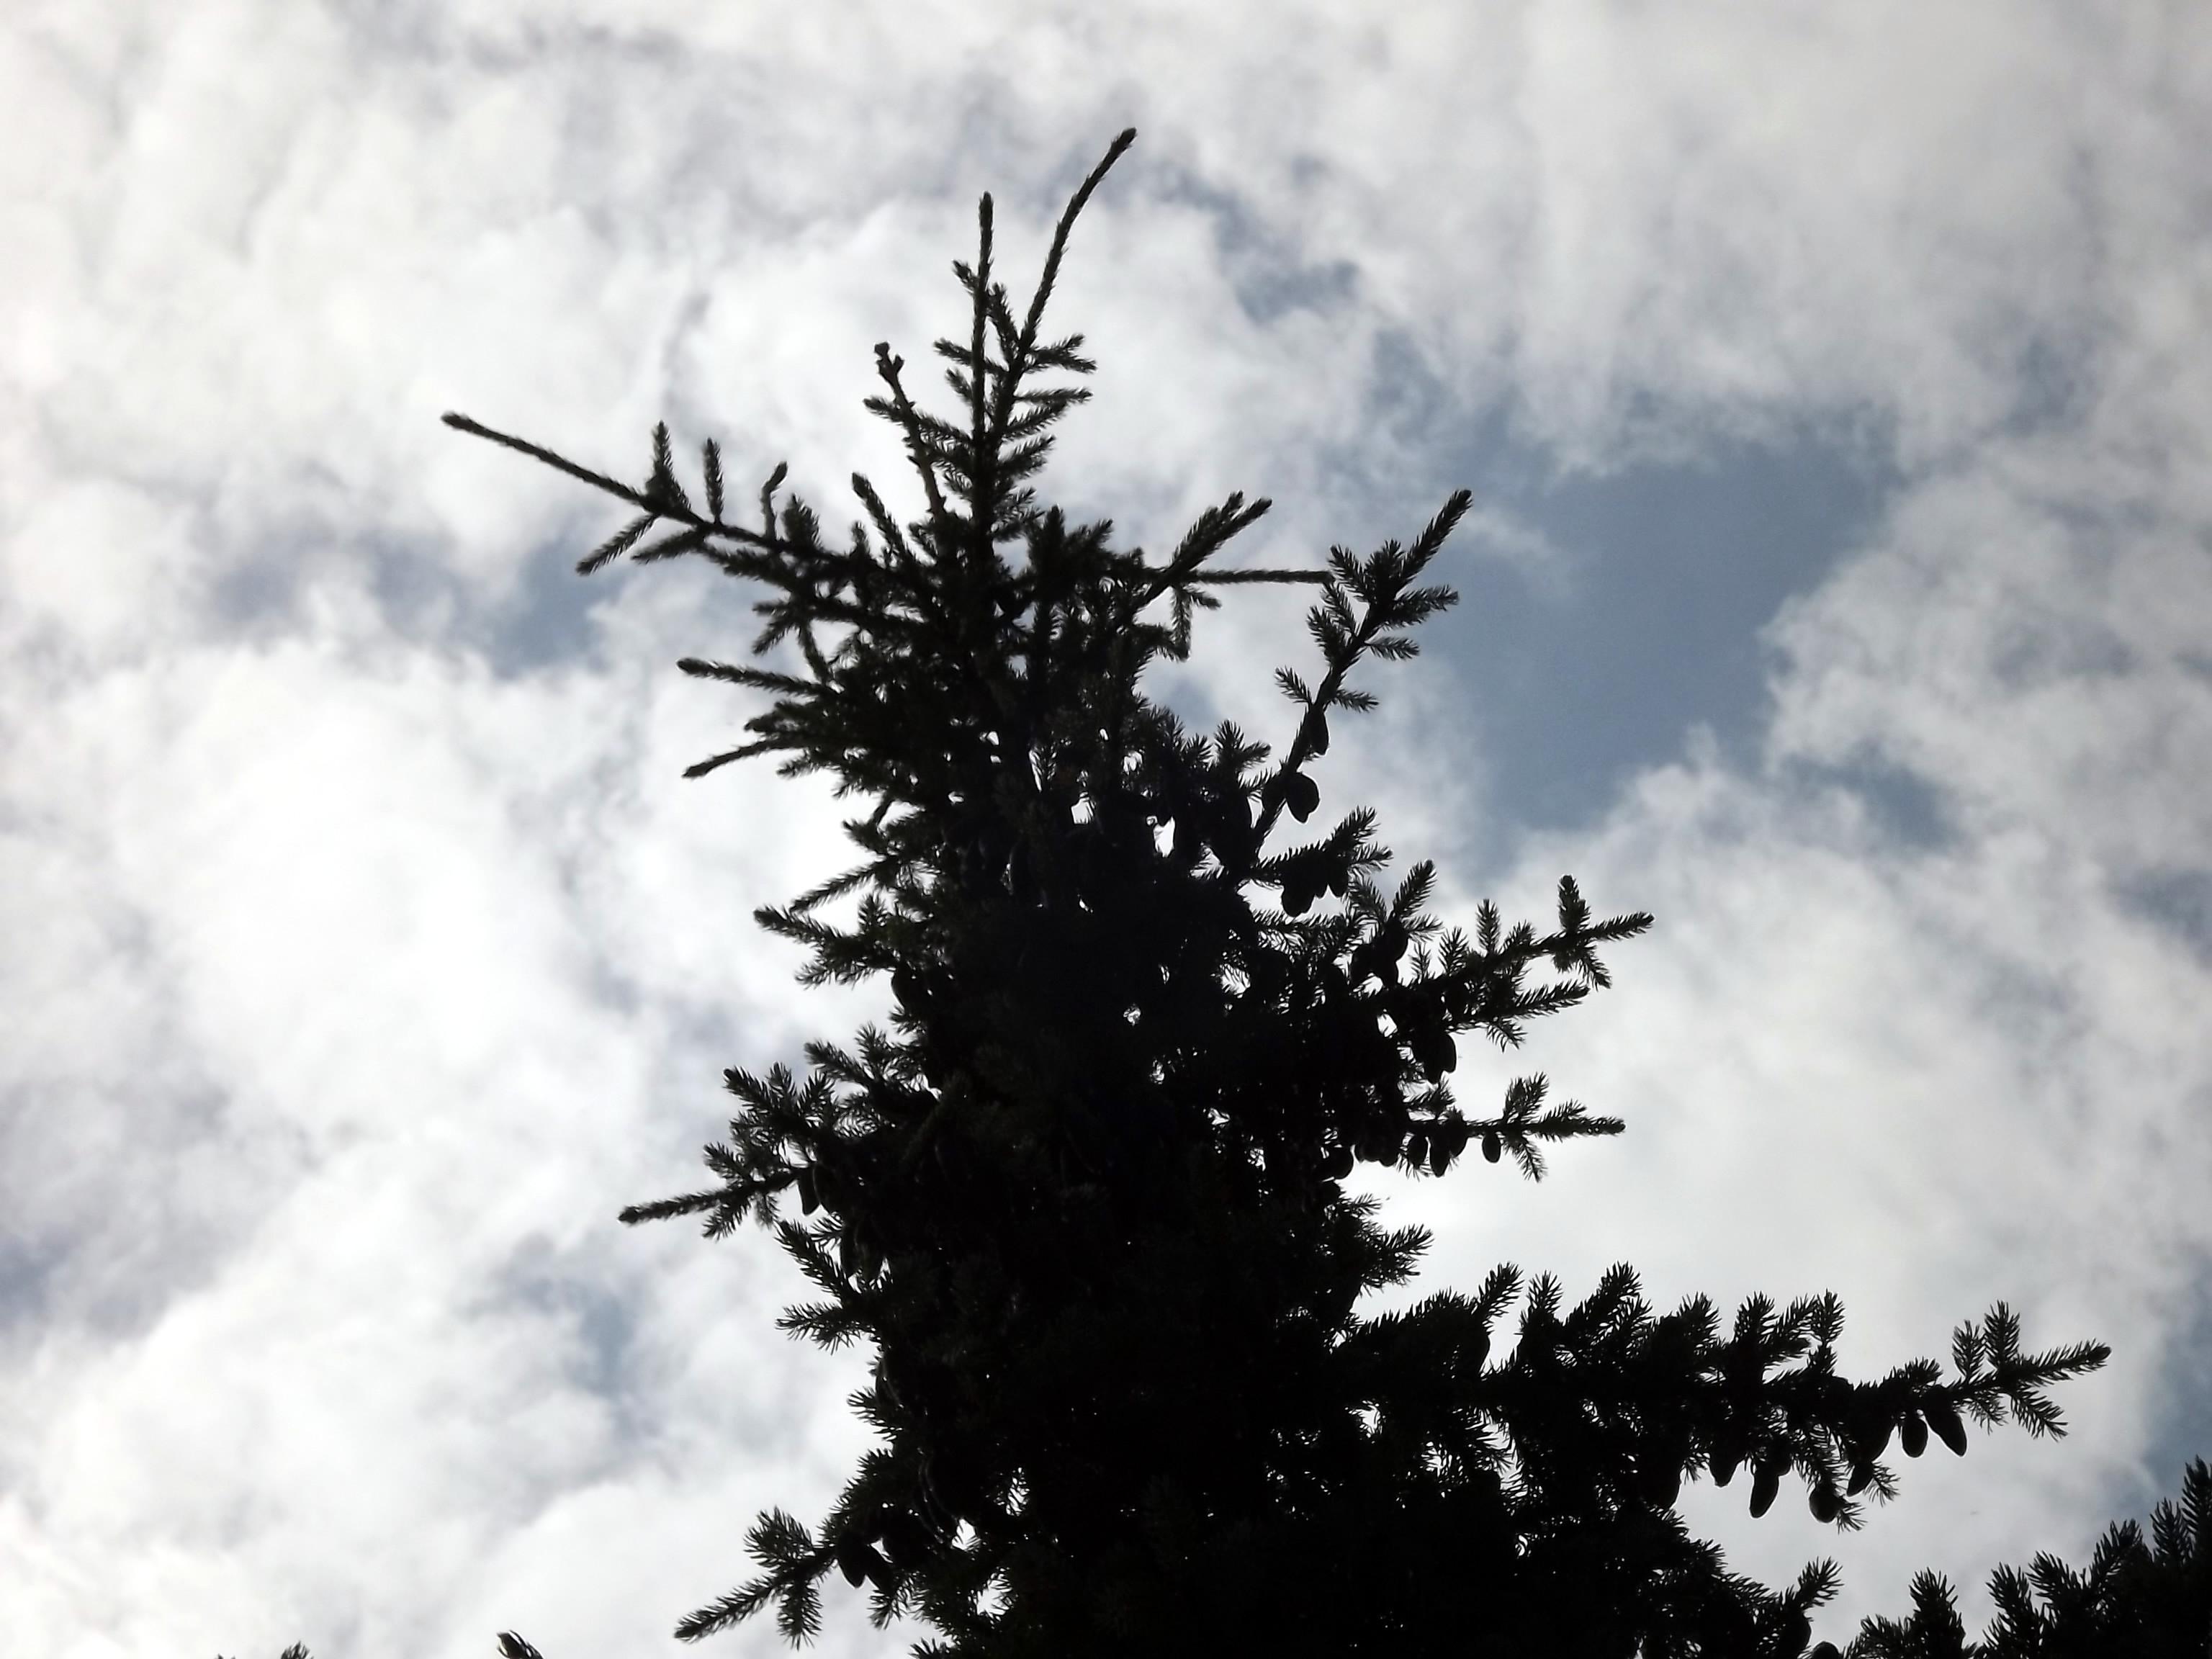 wolken-hinter-nadelbaum